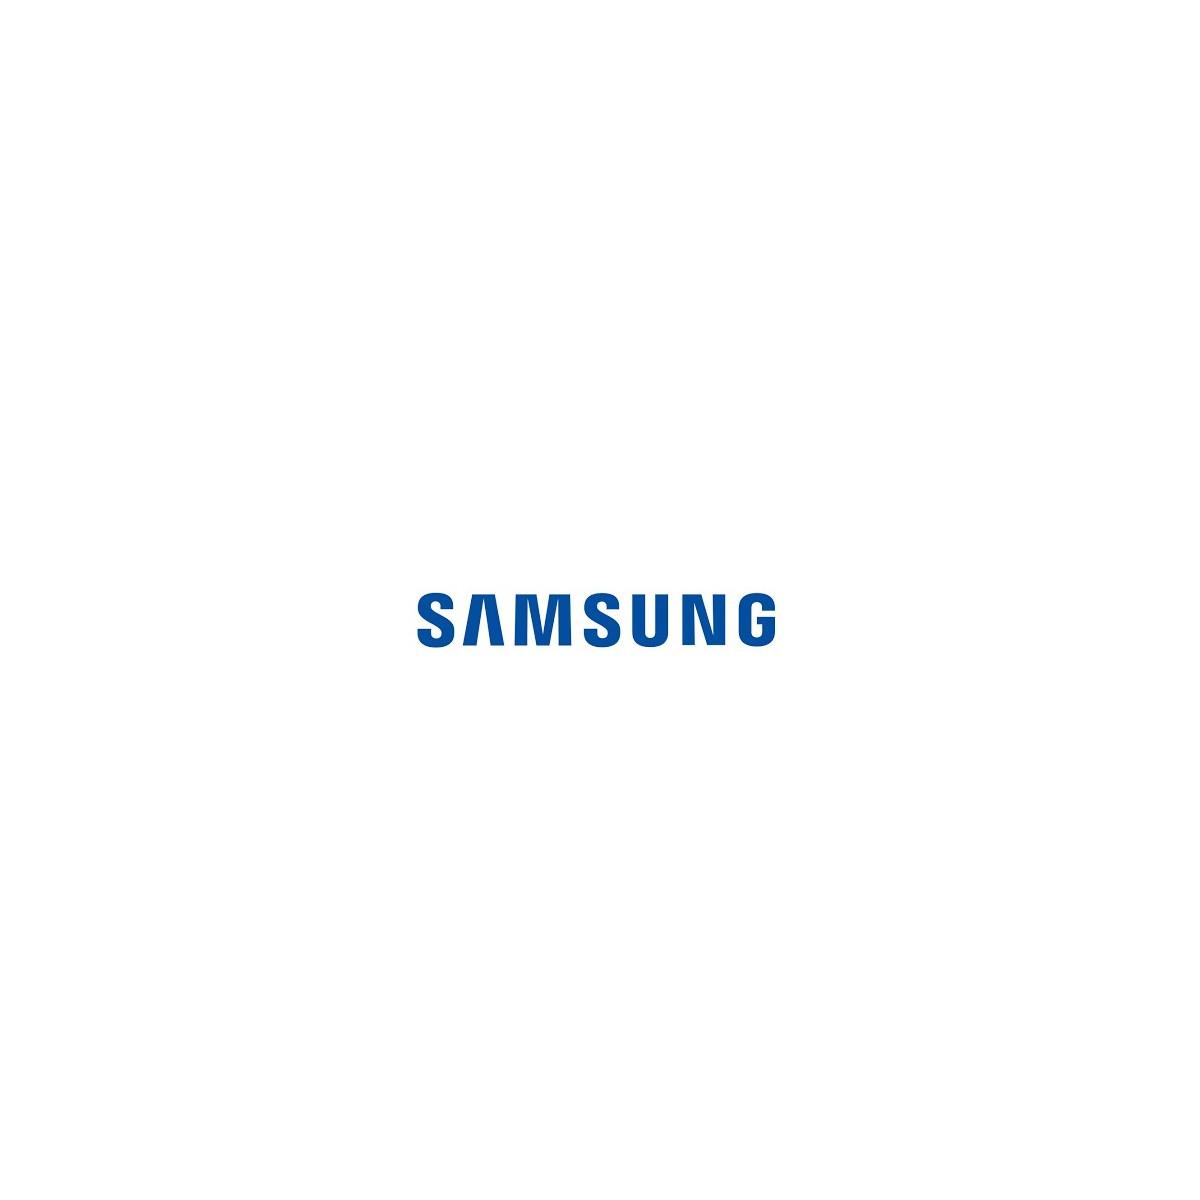 SCHEDA Multiconferenza CNF 24 Officeserv  Samsung